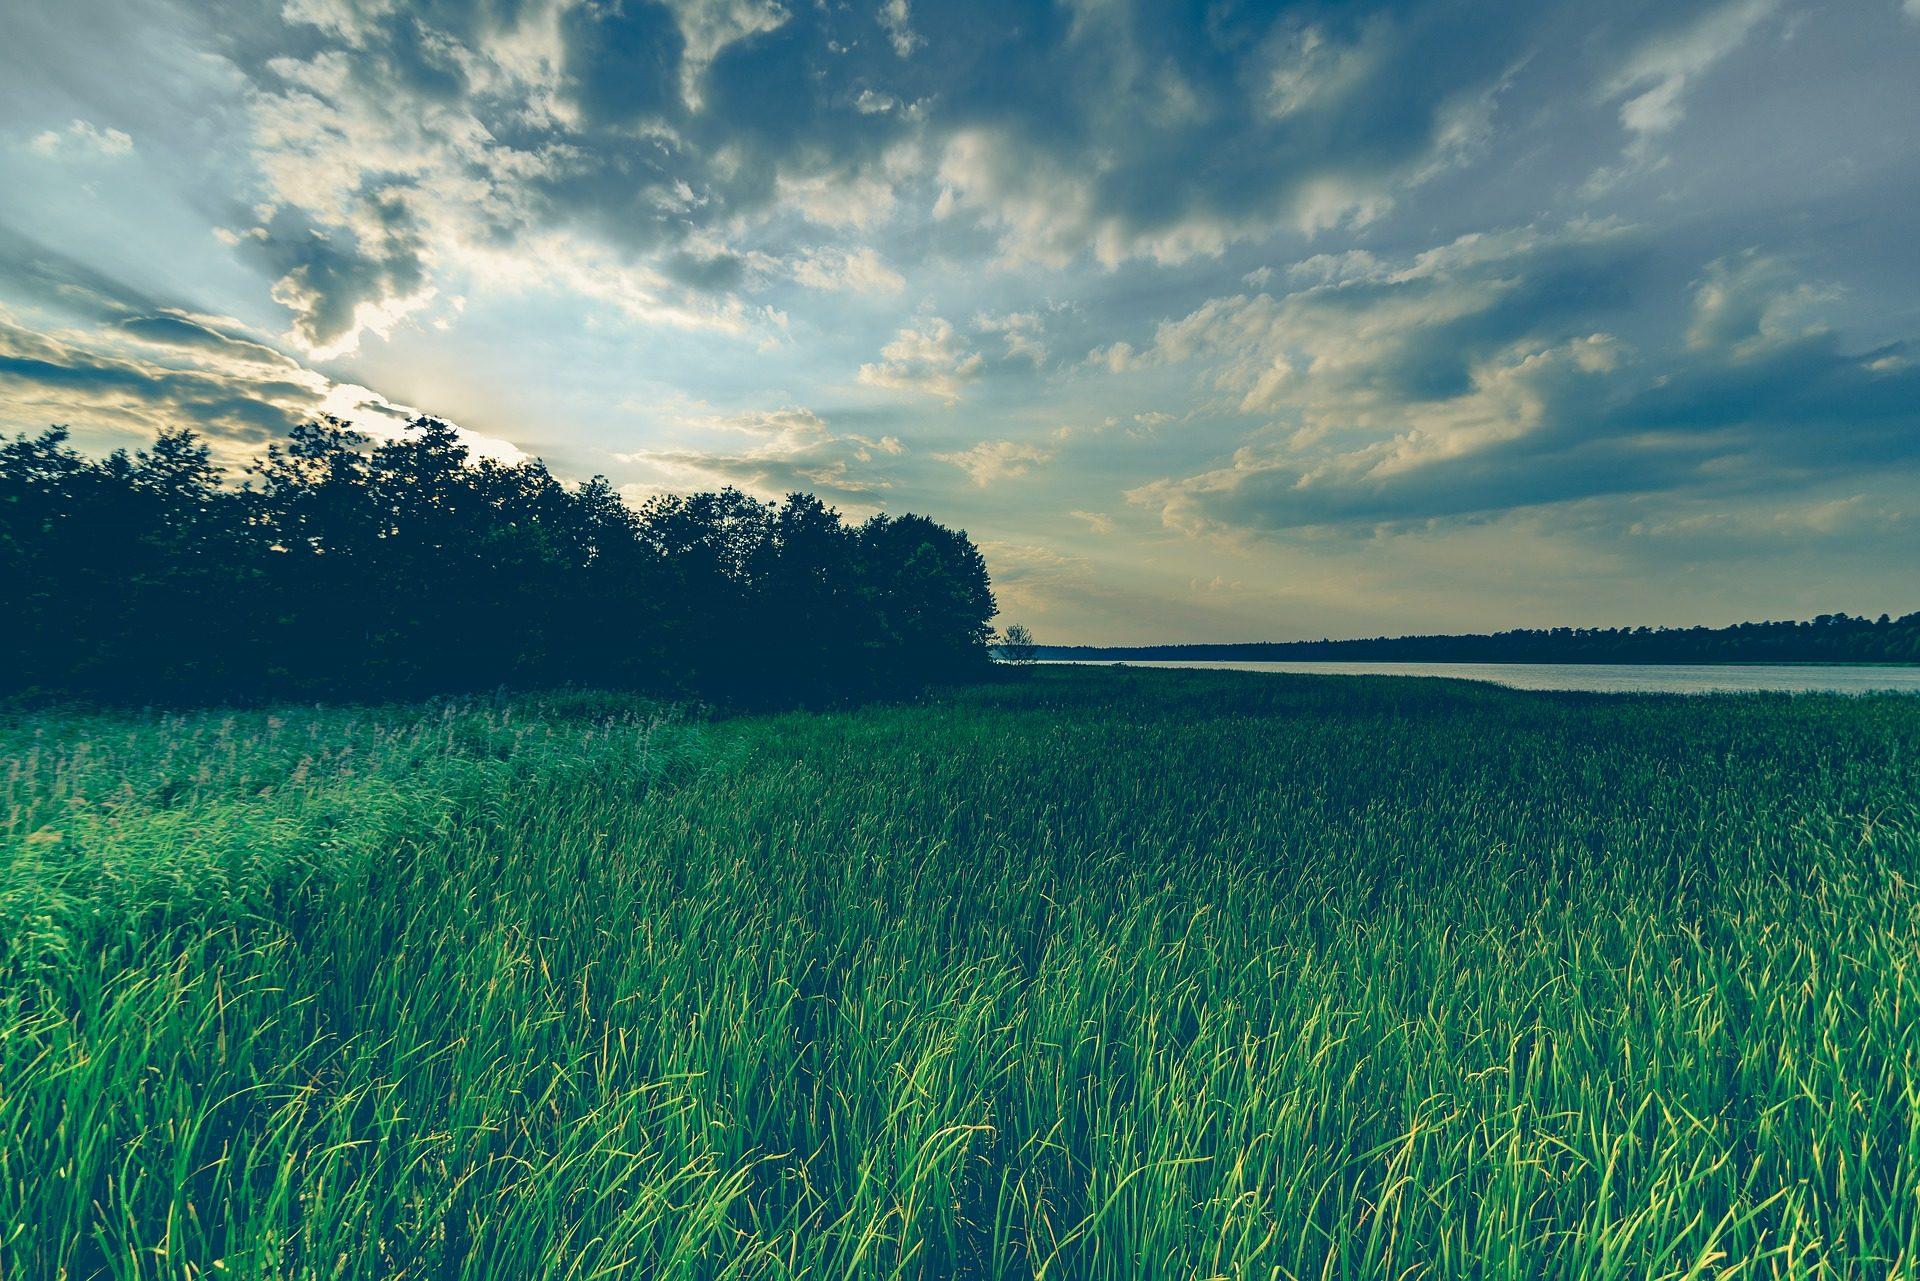 झील, घास, पेड़, आकाश, बादल, mazuria, पोलैंड - HD वॉलपेपर - प्रोफेसर-falken.com